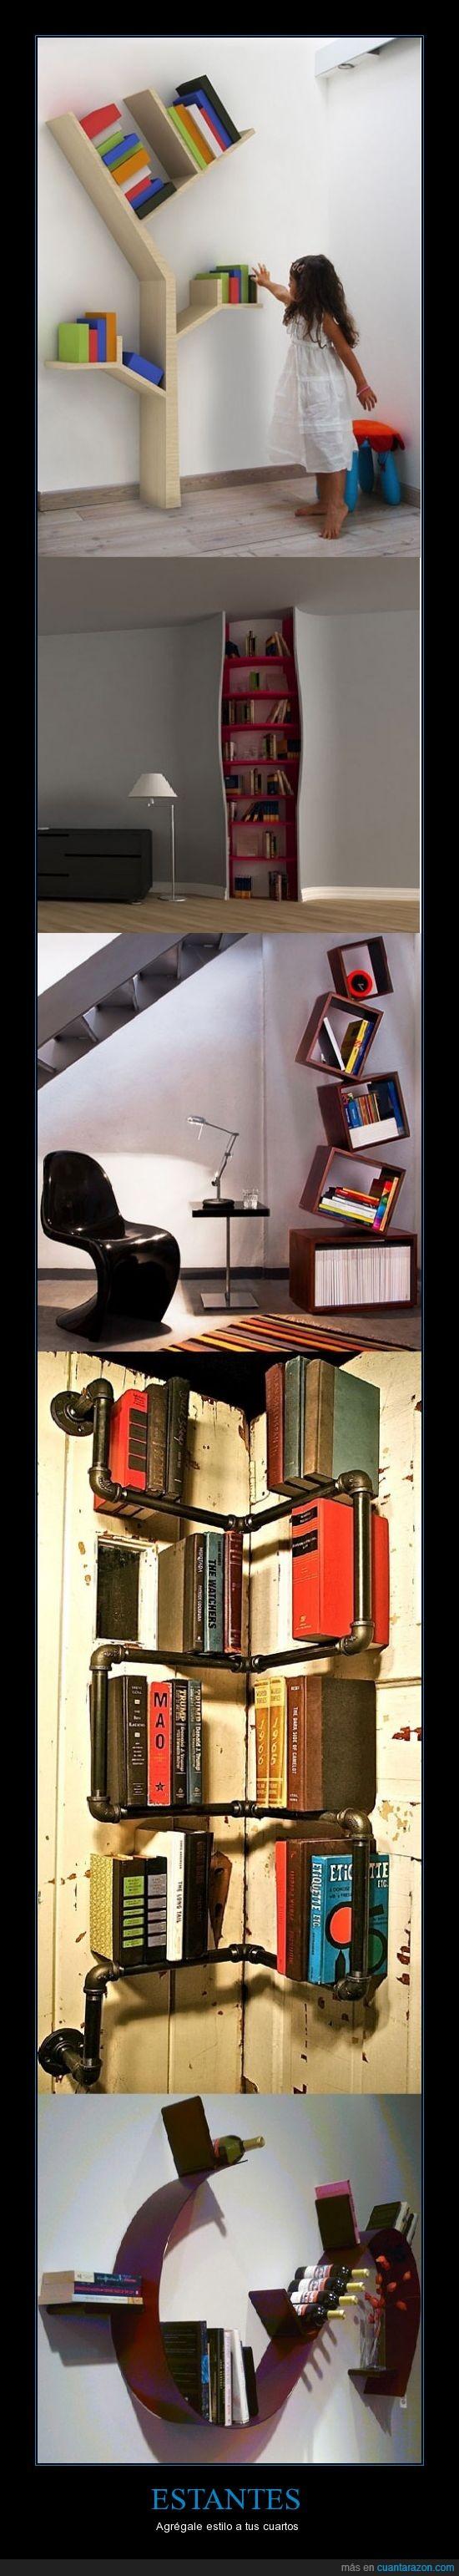 adornar,estantería,estantes,estilo,habitación